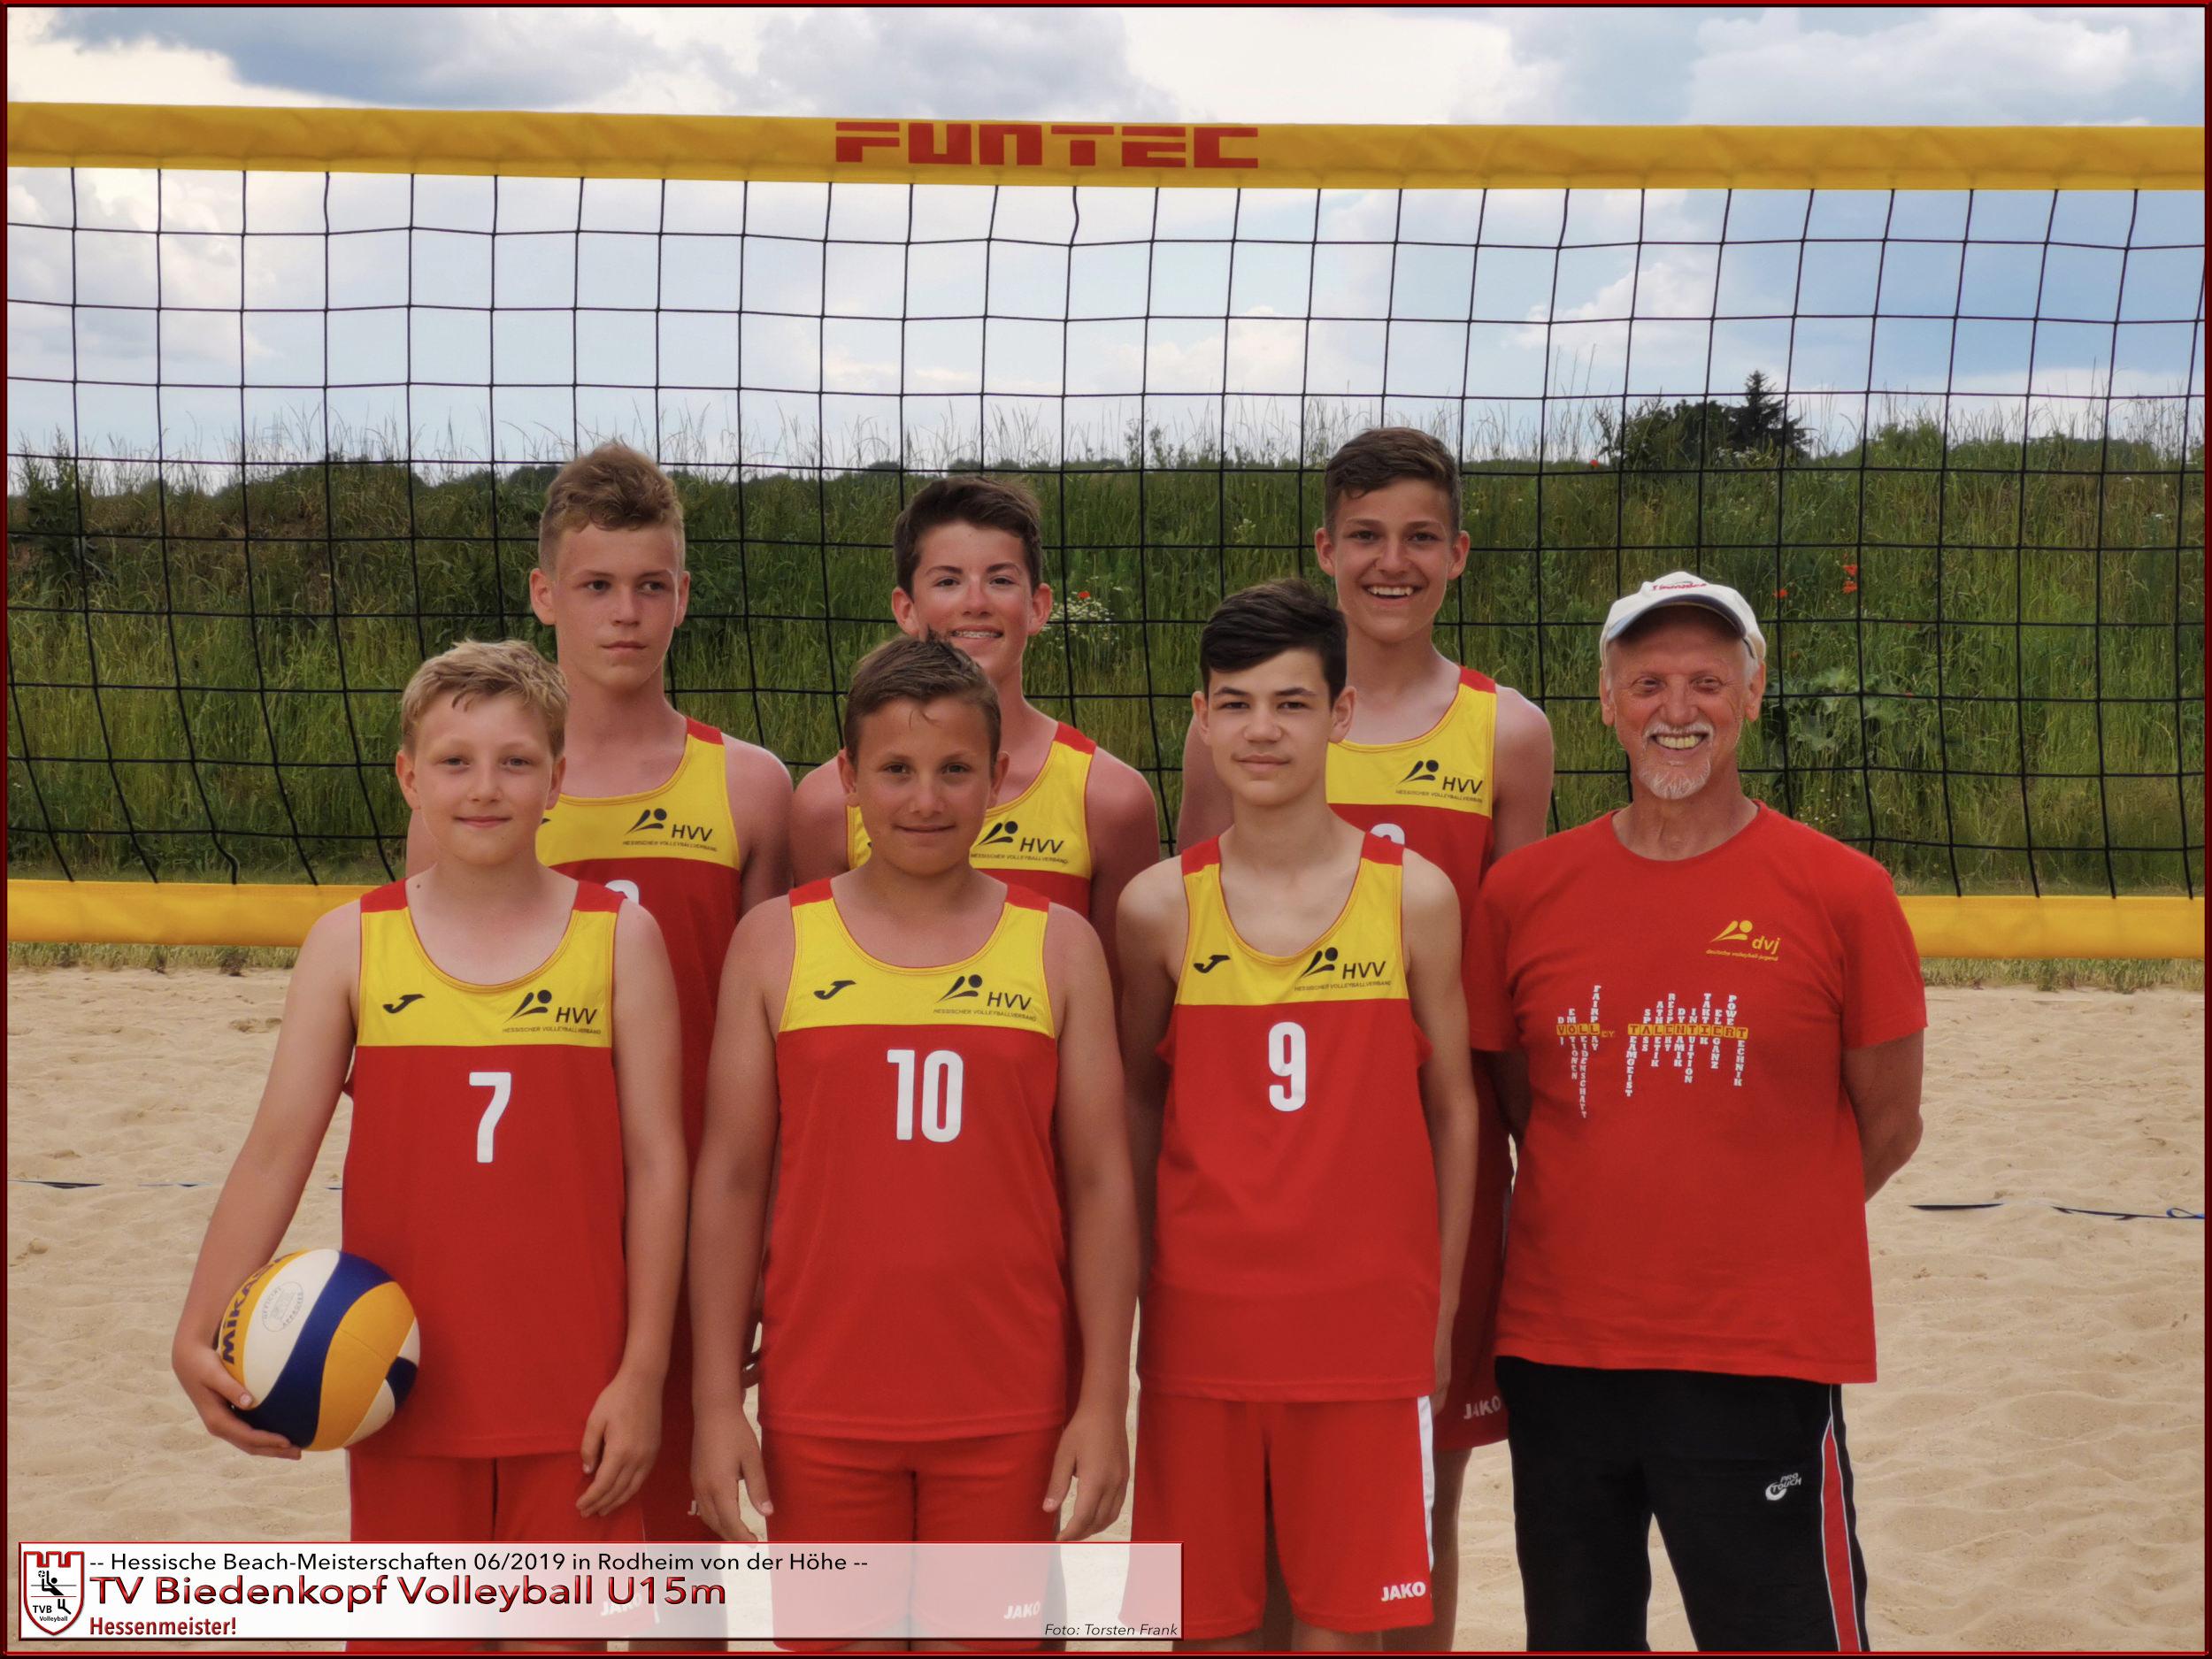 Volleyball U15m TV Biedenkopf   Hessischer Beach-Meister 2019